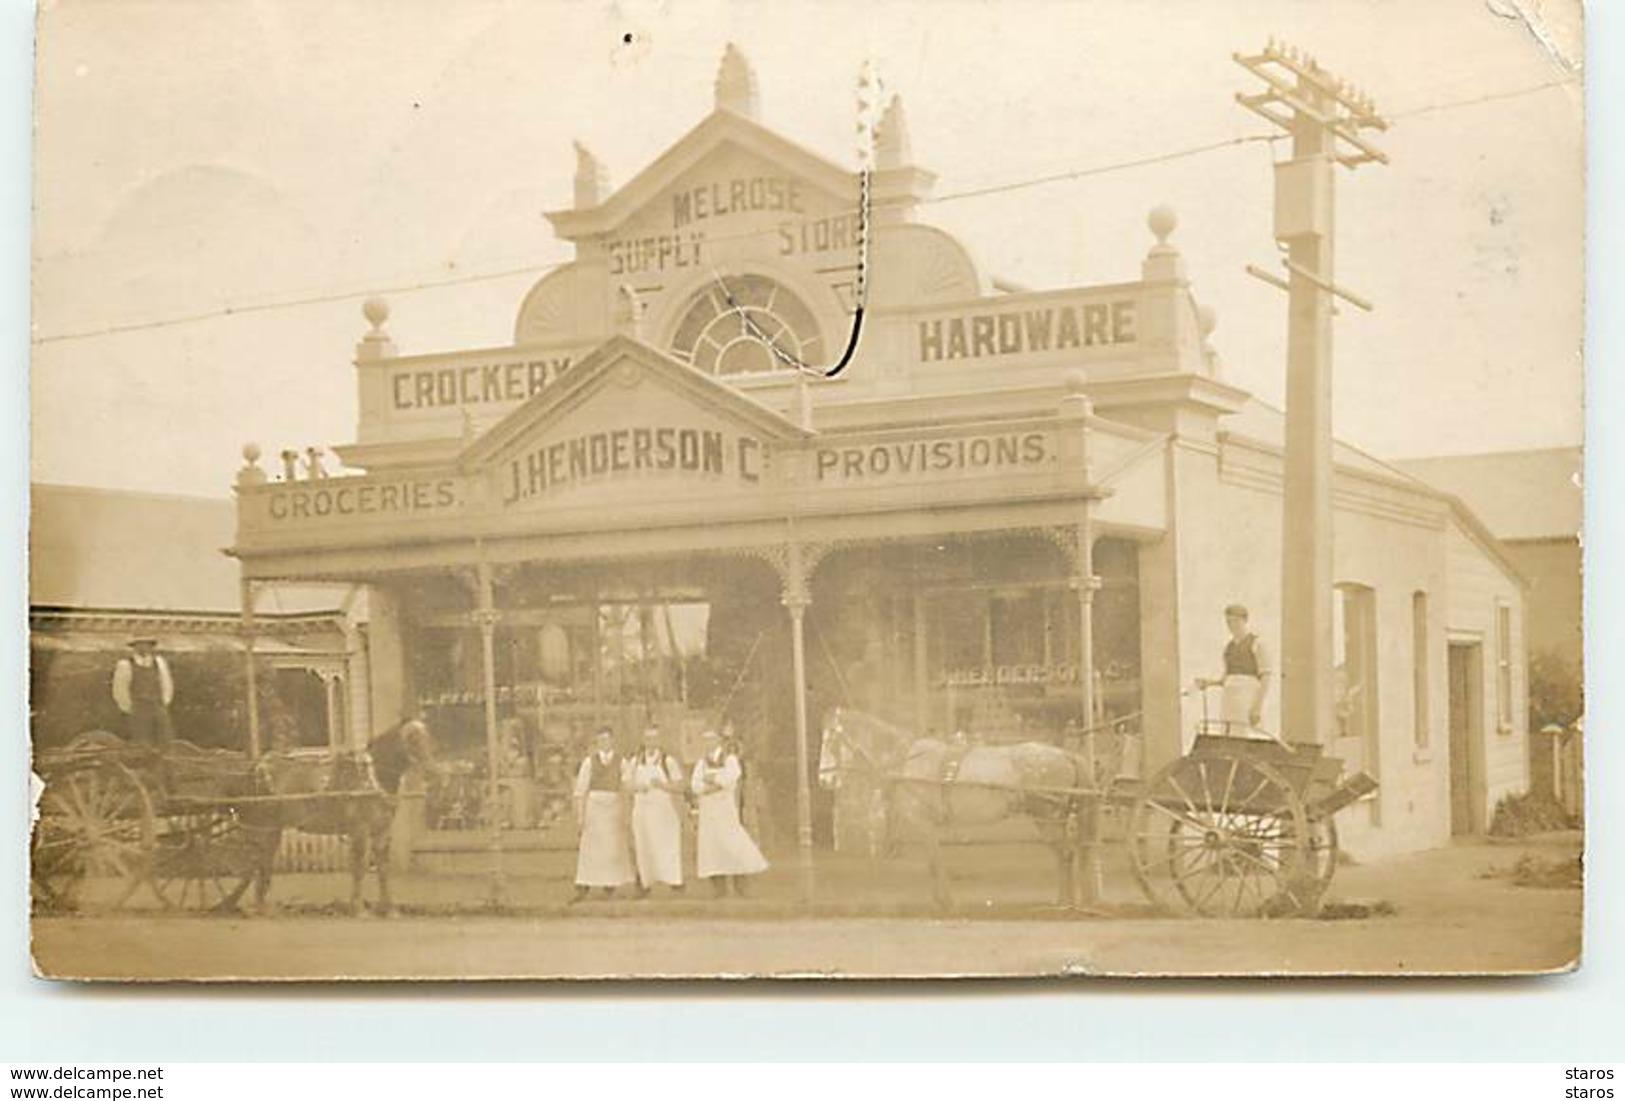 MELROSE - Simply Store - J. Henserson - Croceries, Provisions - RPPC - Nouvelle-Zélande